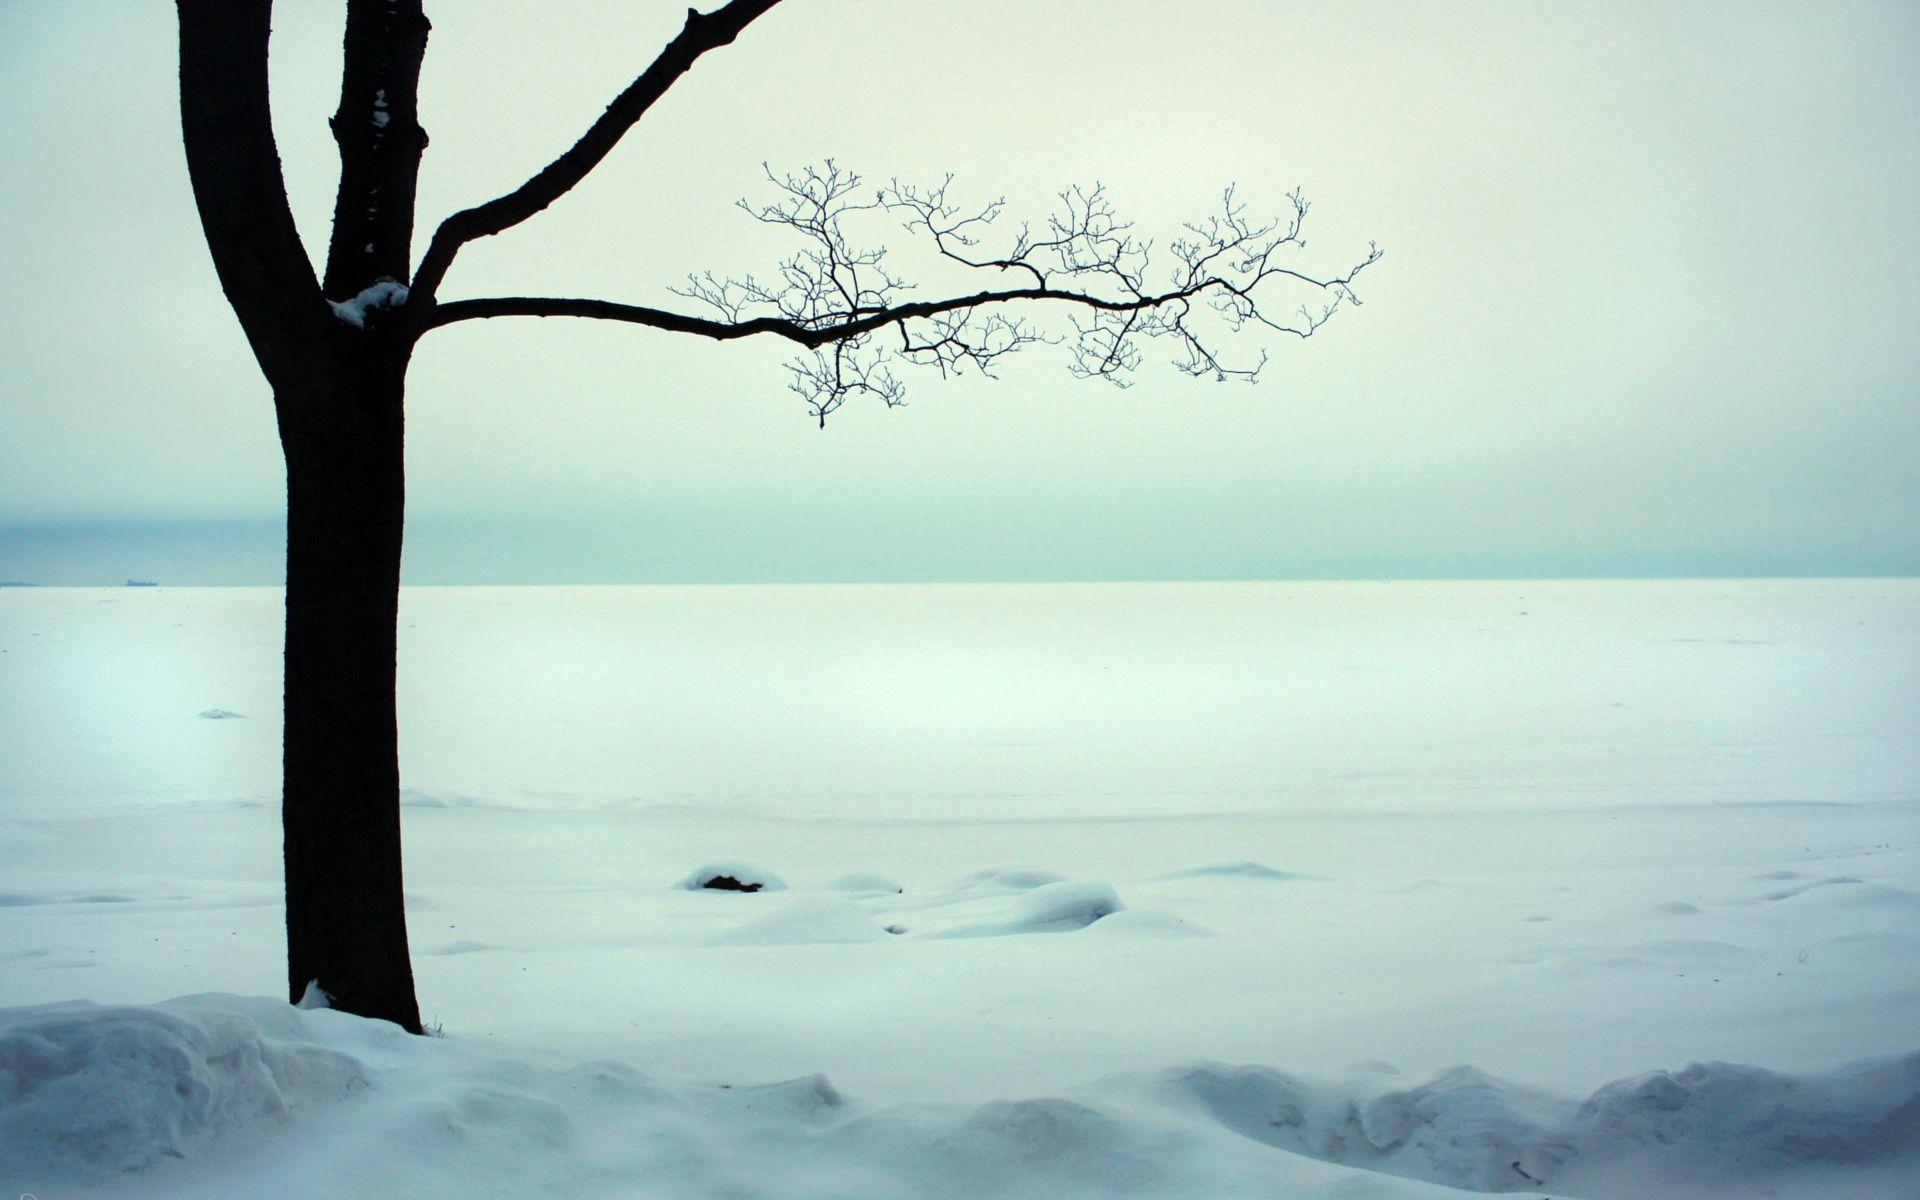 78824 скачать обои Природа, Дерево, Ветви, Голое, Снег, Холод - заставки и картинки бесплатно